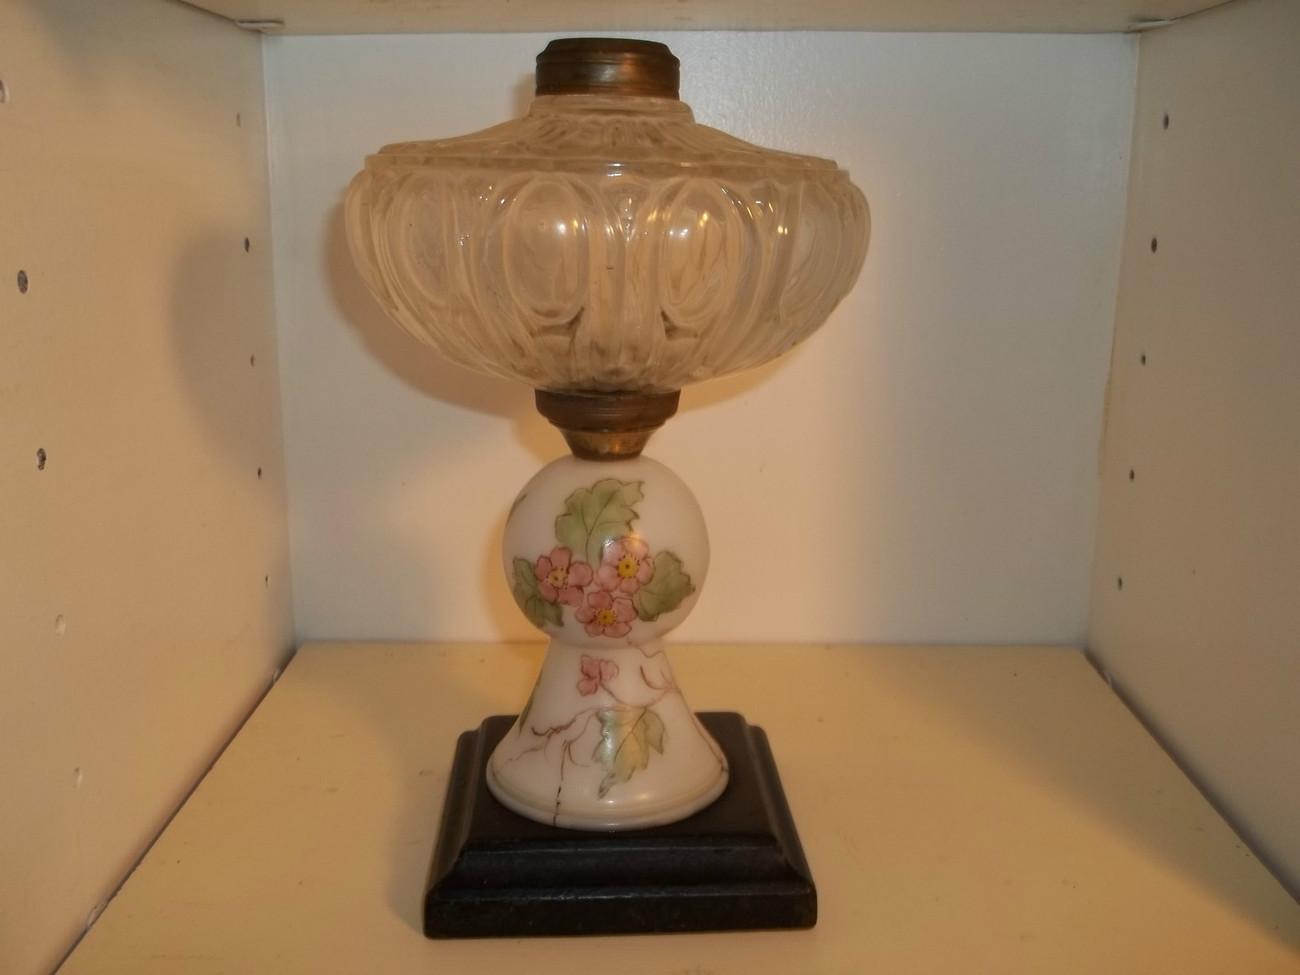 vintage pressed glass kerosene lamp